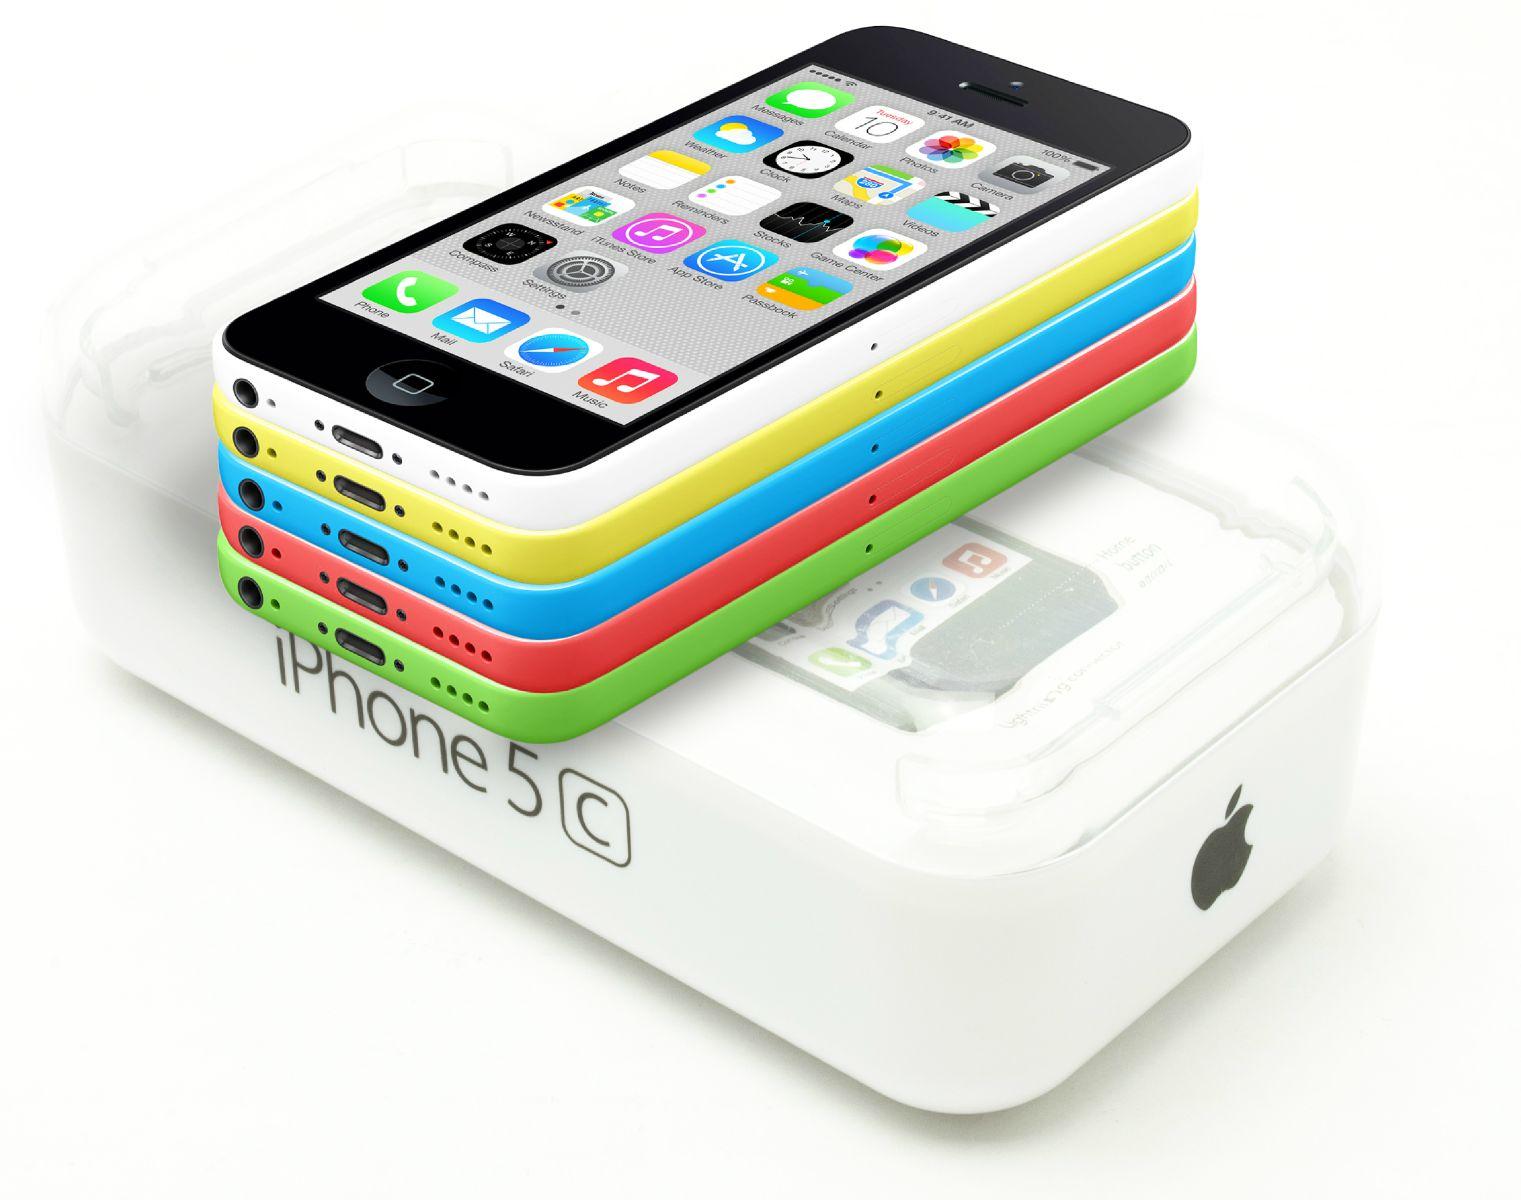 Iphone 5c white 32gb deals